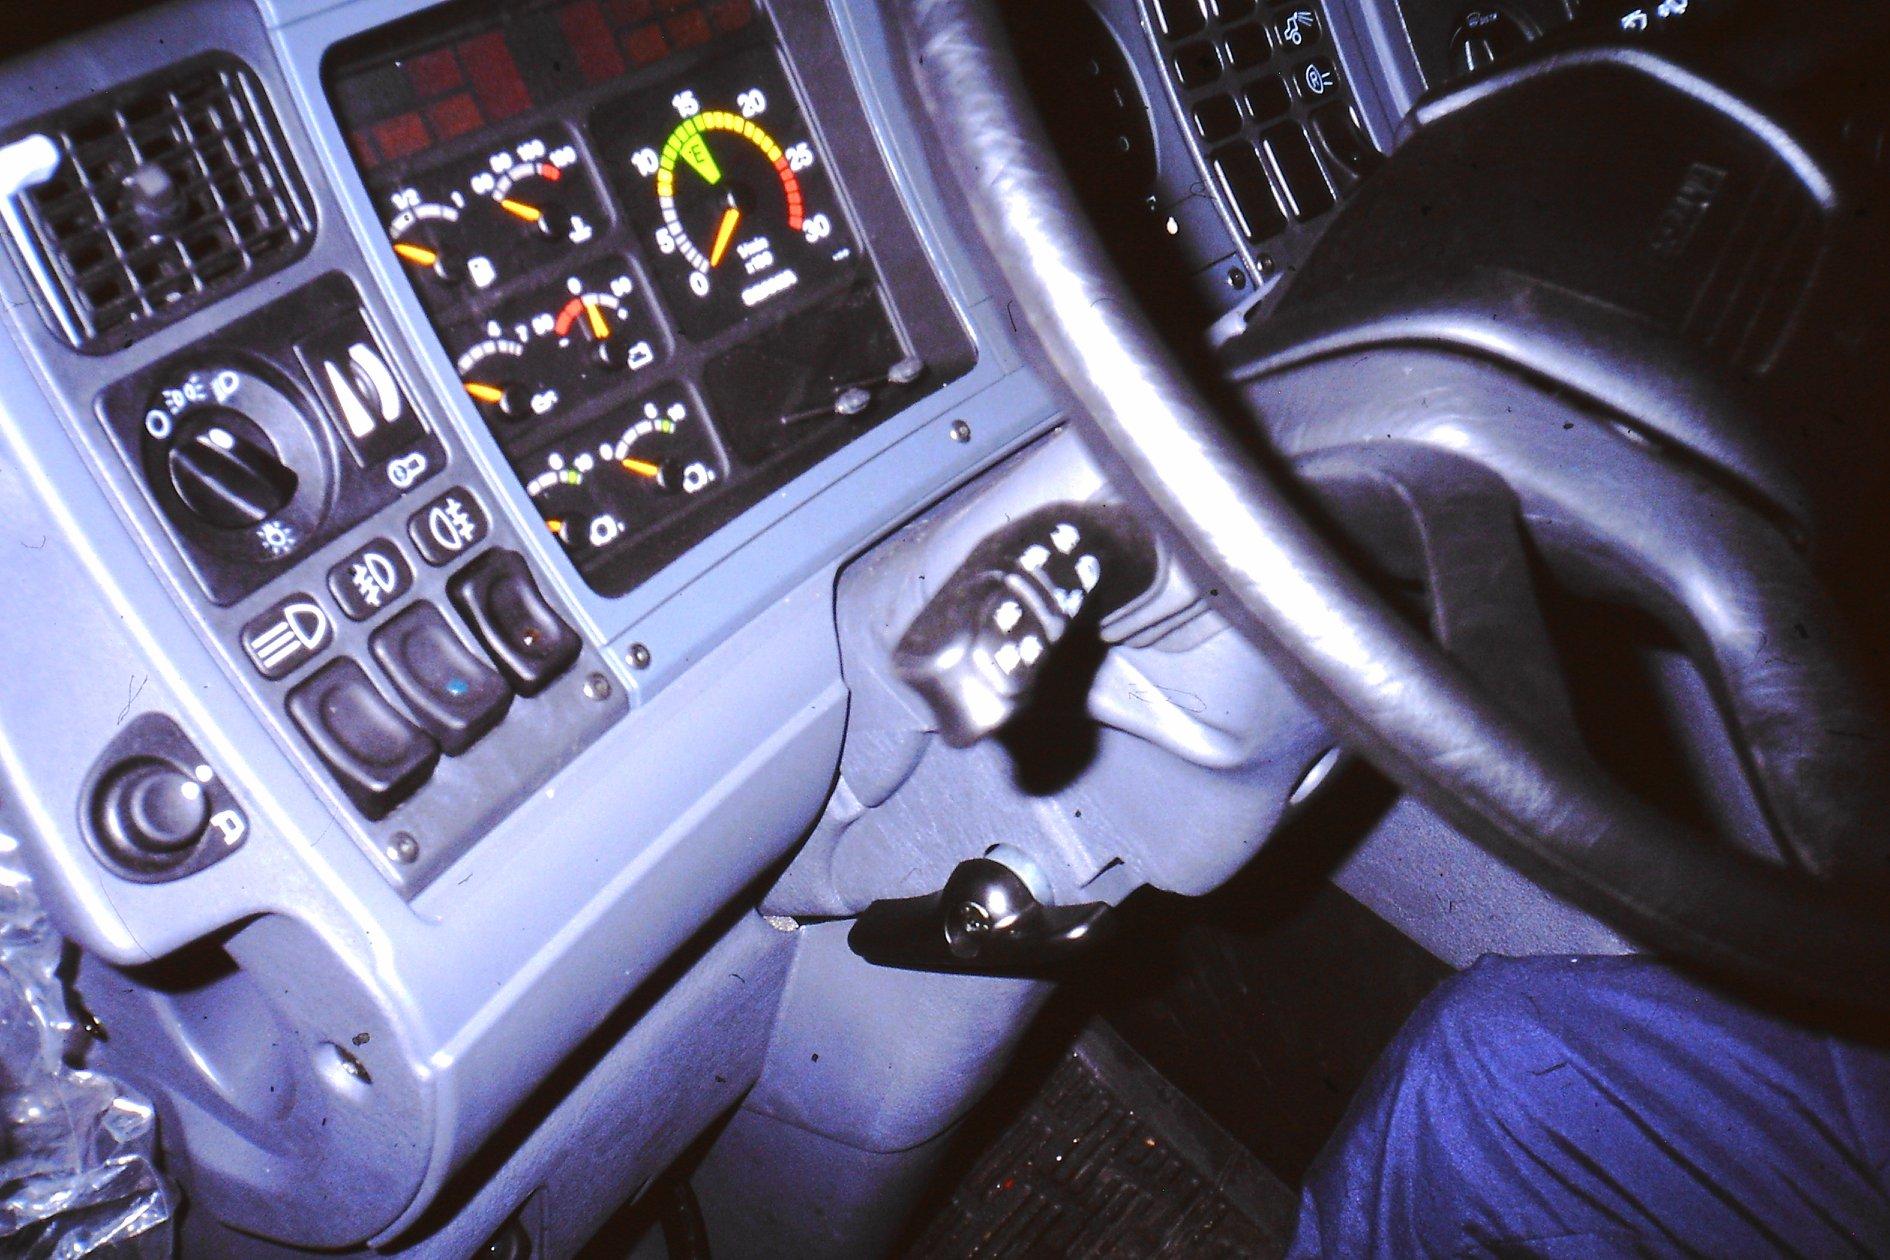 Peter-Nieuwkoop-met-zijn-nieuwe-scania-27-1-2003-11